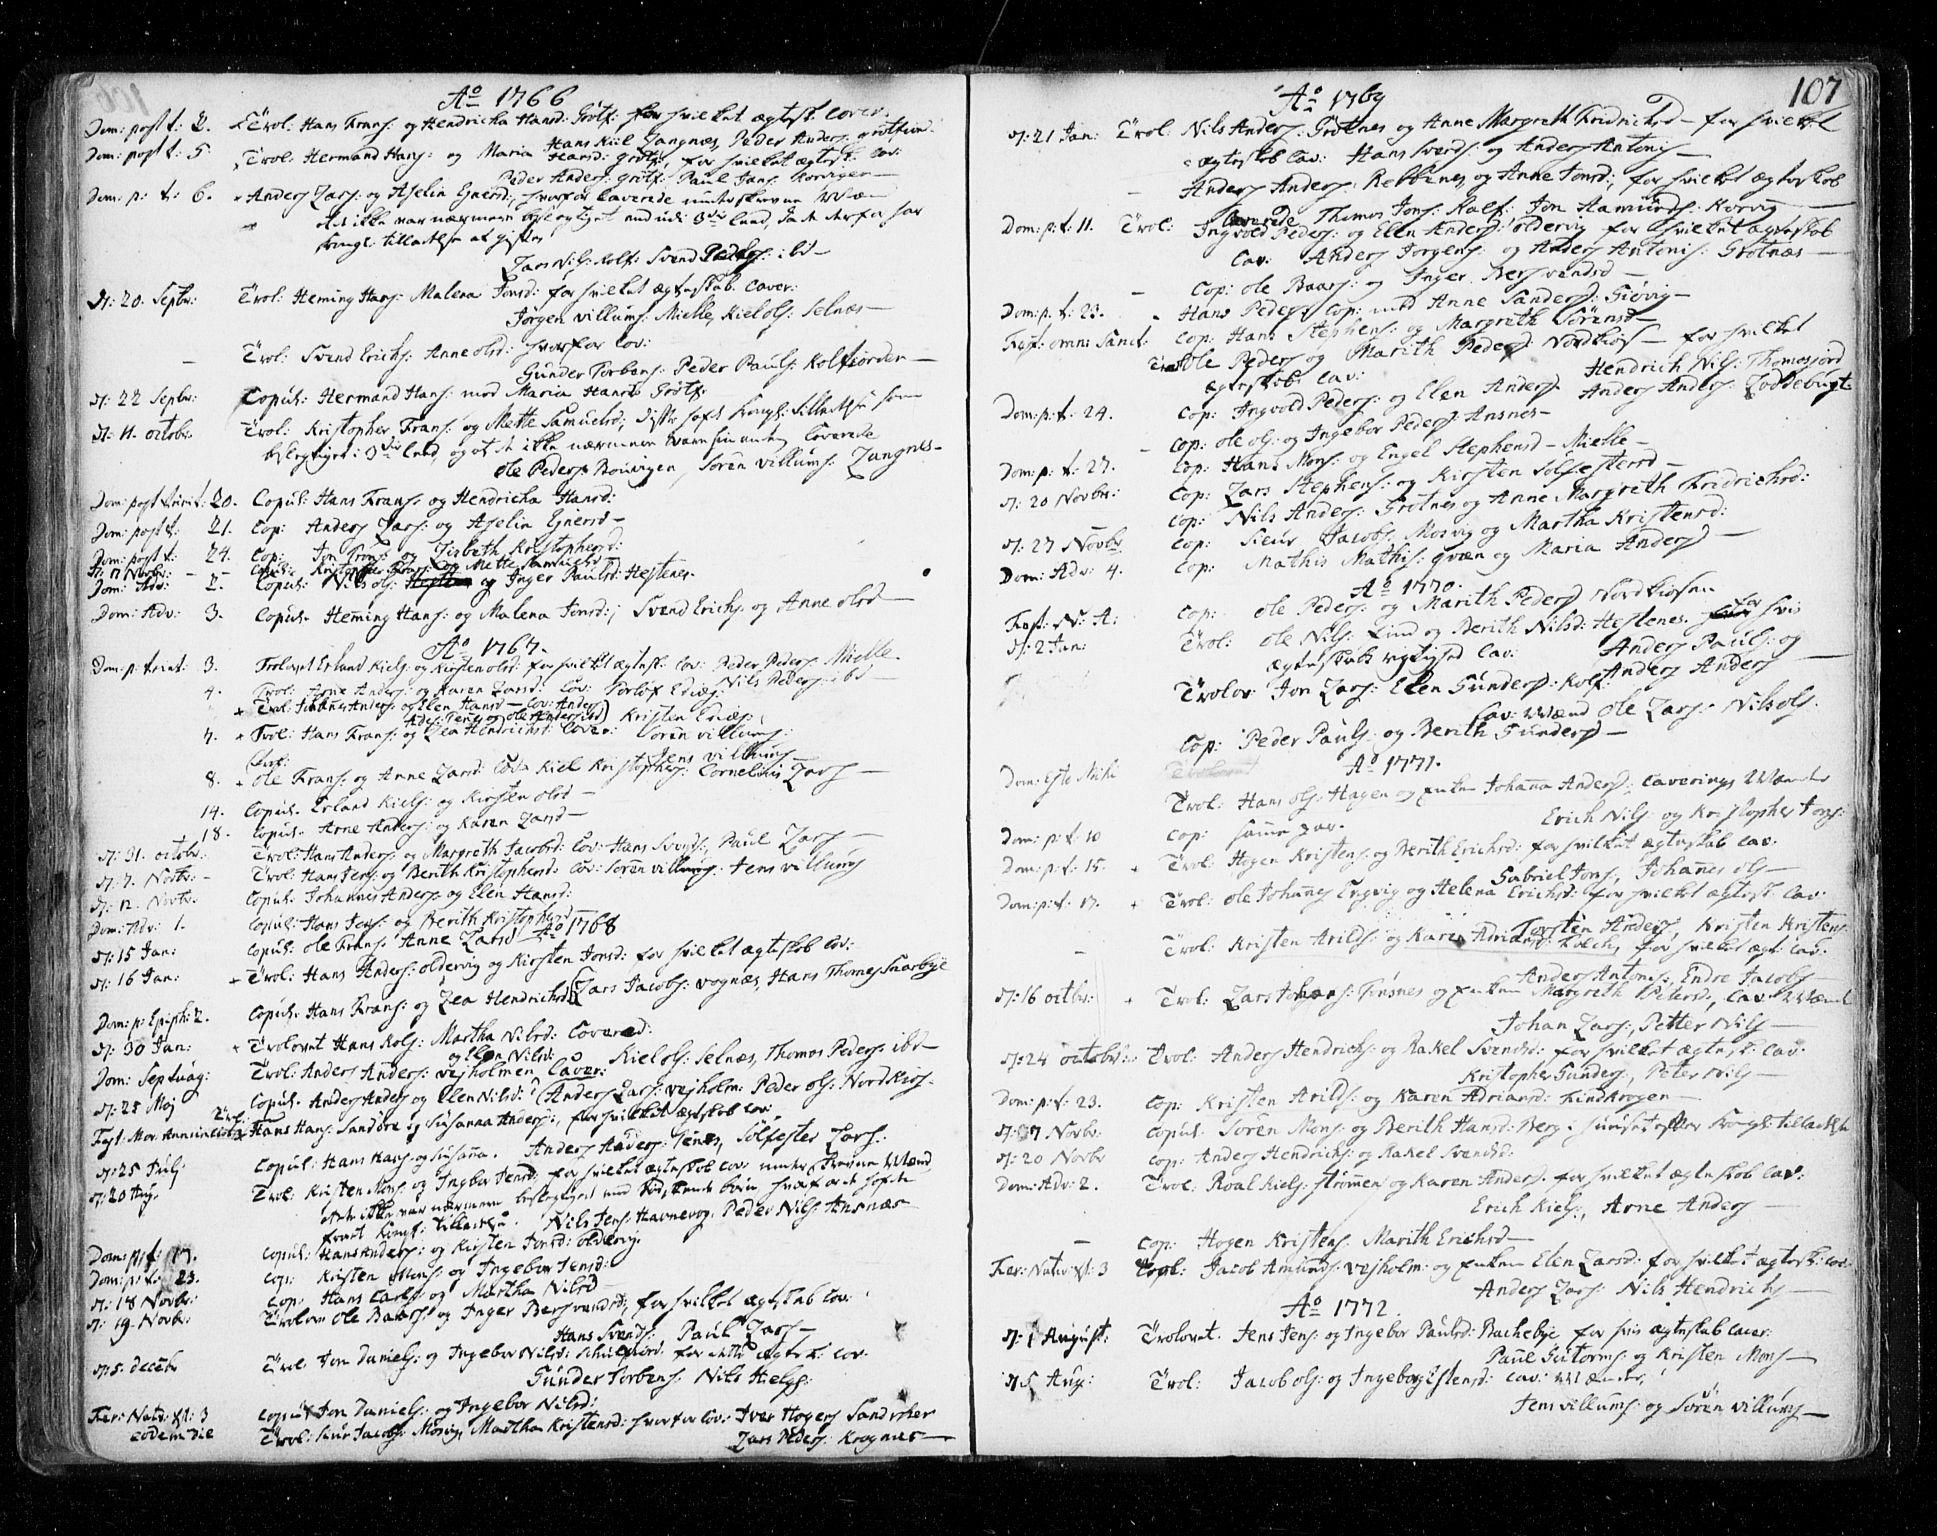 SATØ, Tromsø sokneprestkontor/stiftsprosti/domprosti, G/Ga/L0002kirke: Ministerialbok nr. 2, 1753-1778, s. 107